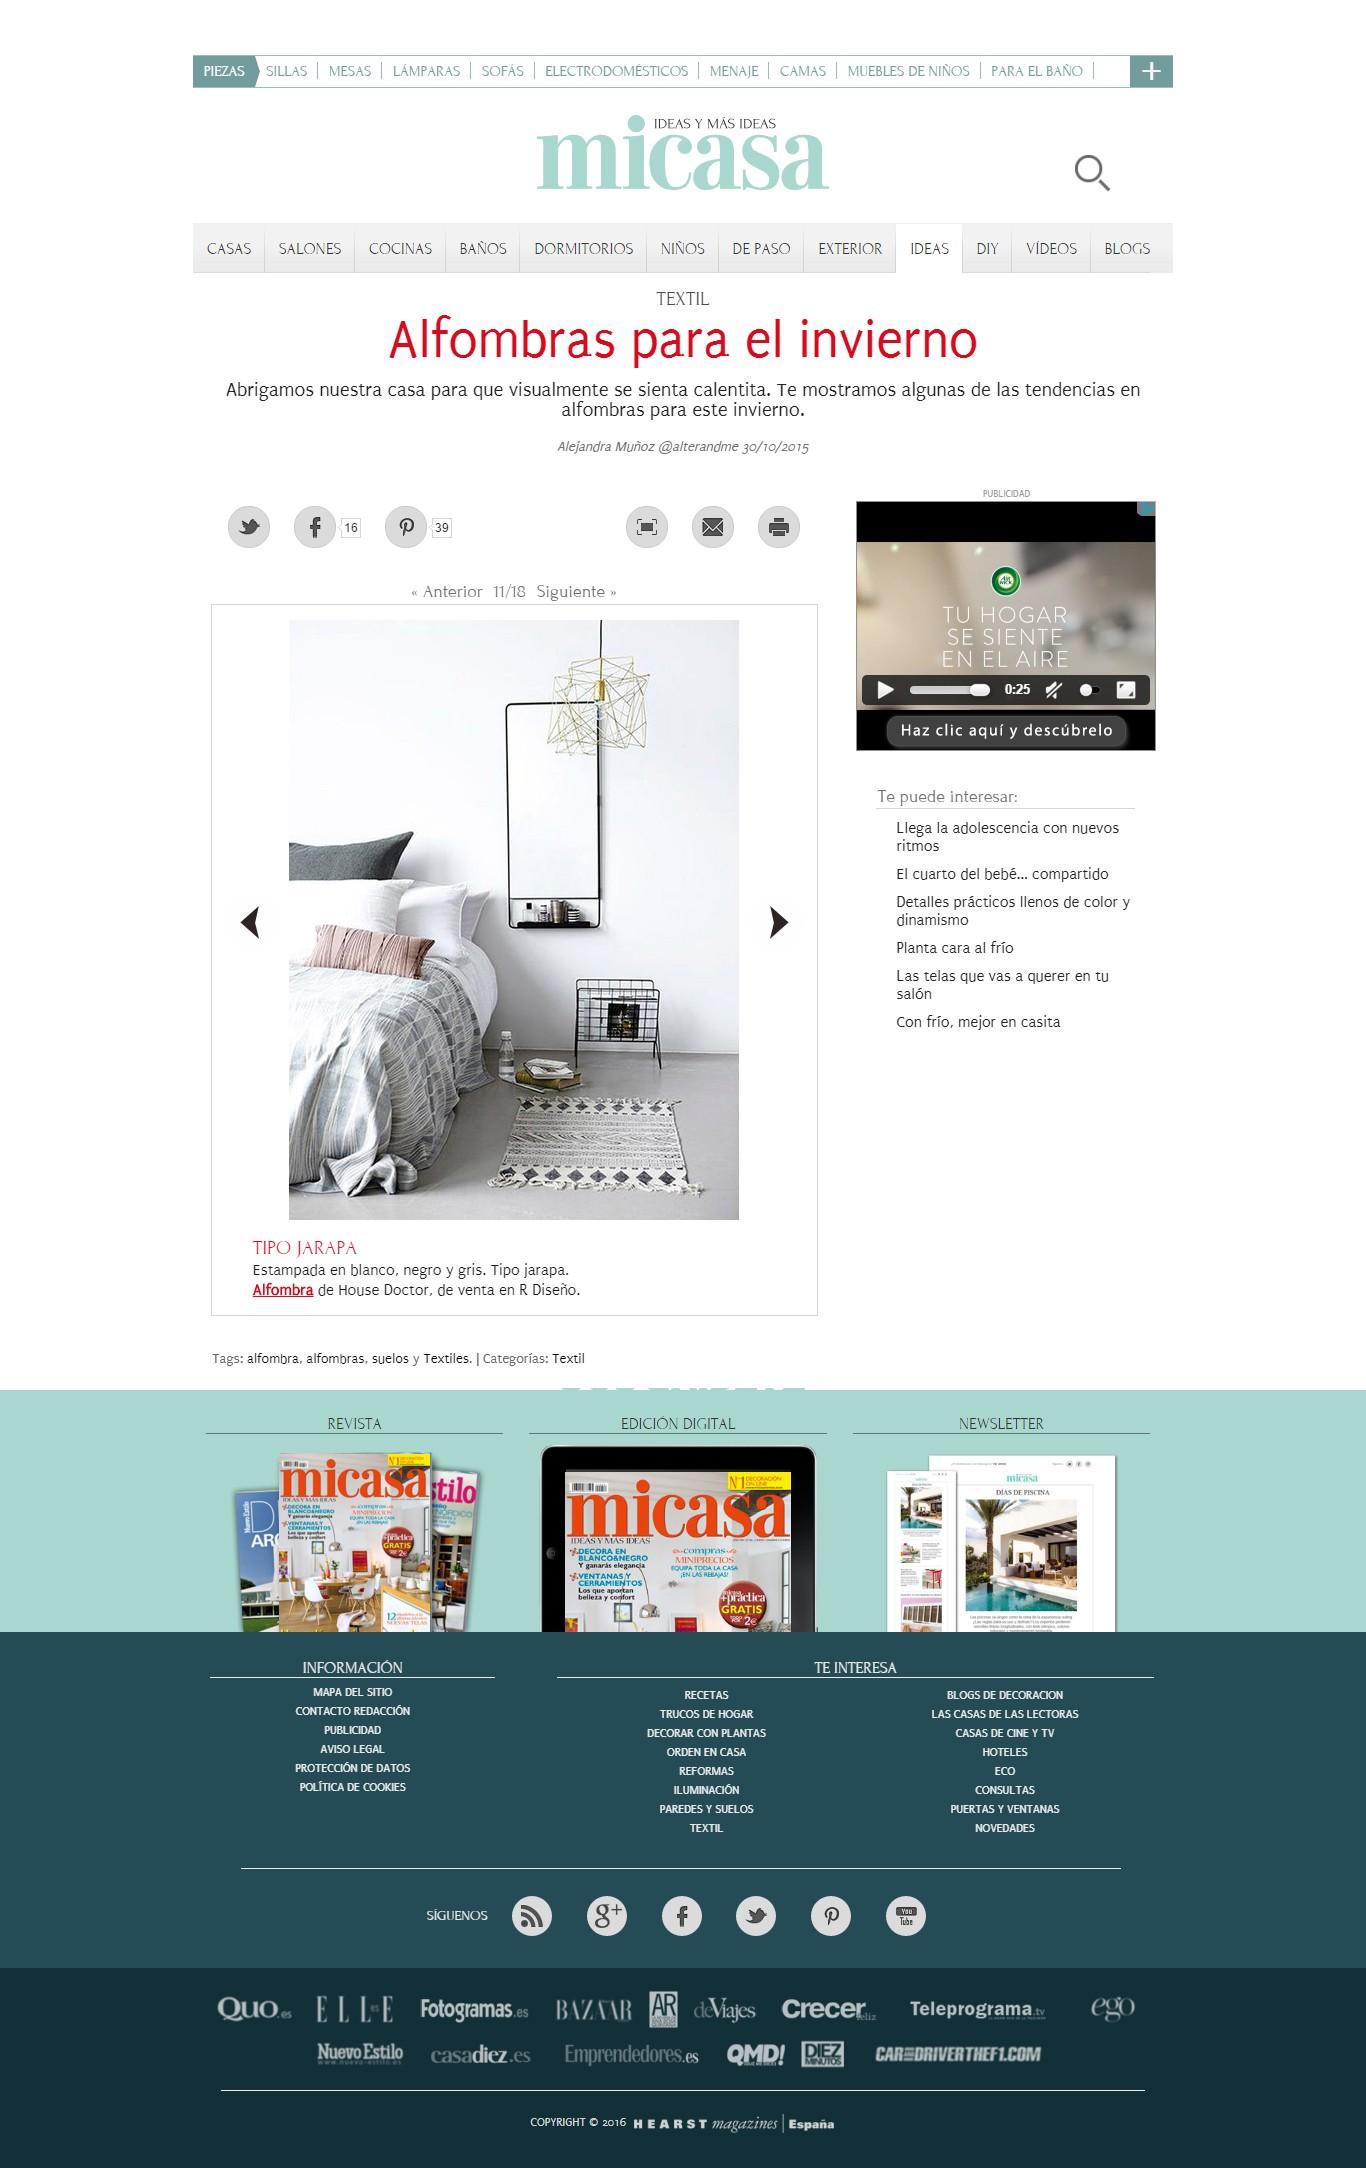 5d575ce229e31 La alfombra Block de House Doctor forma parte de la galería de Micasa  Revista con recomendaciones para abrigar nuestros hogares de cara al  invierno con ...